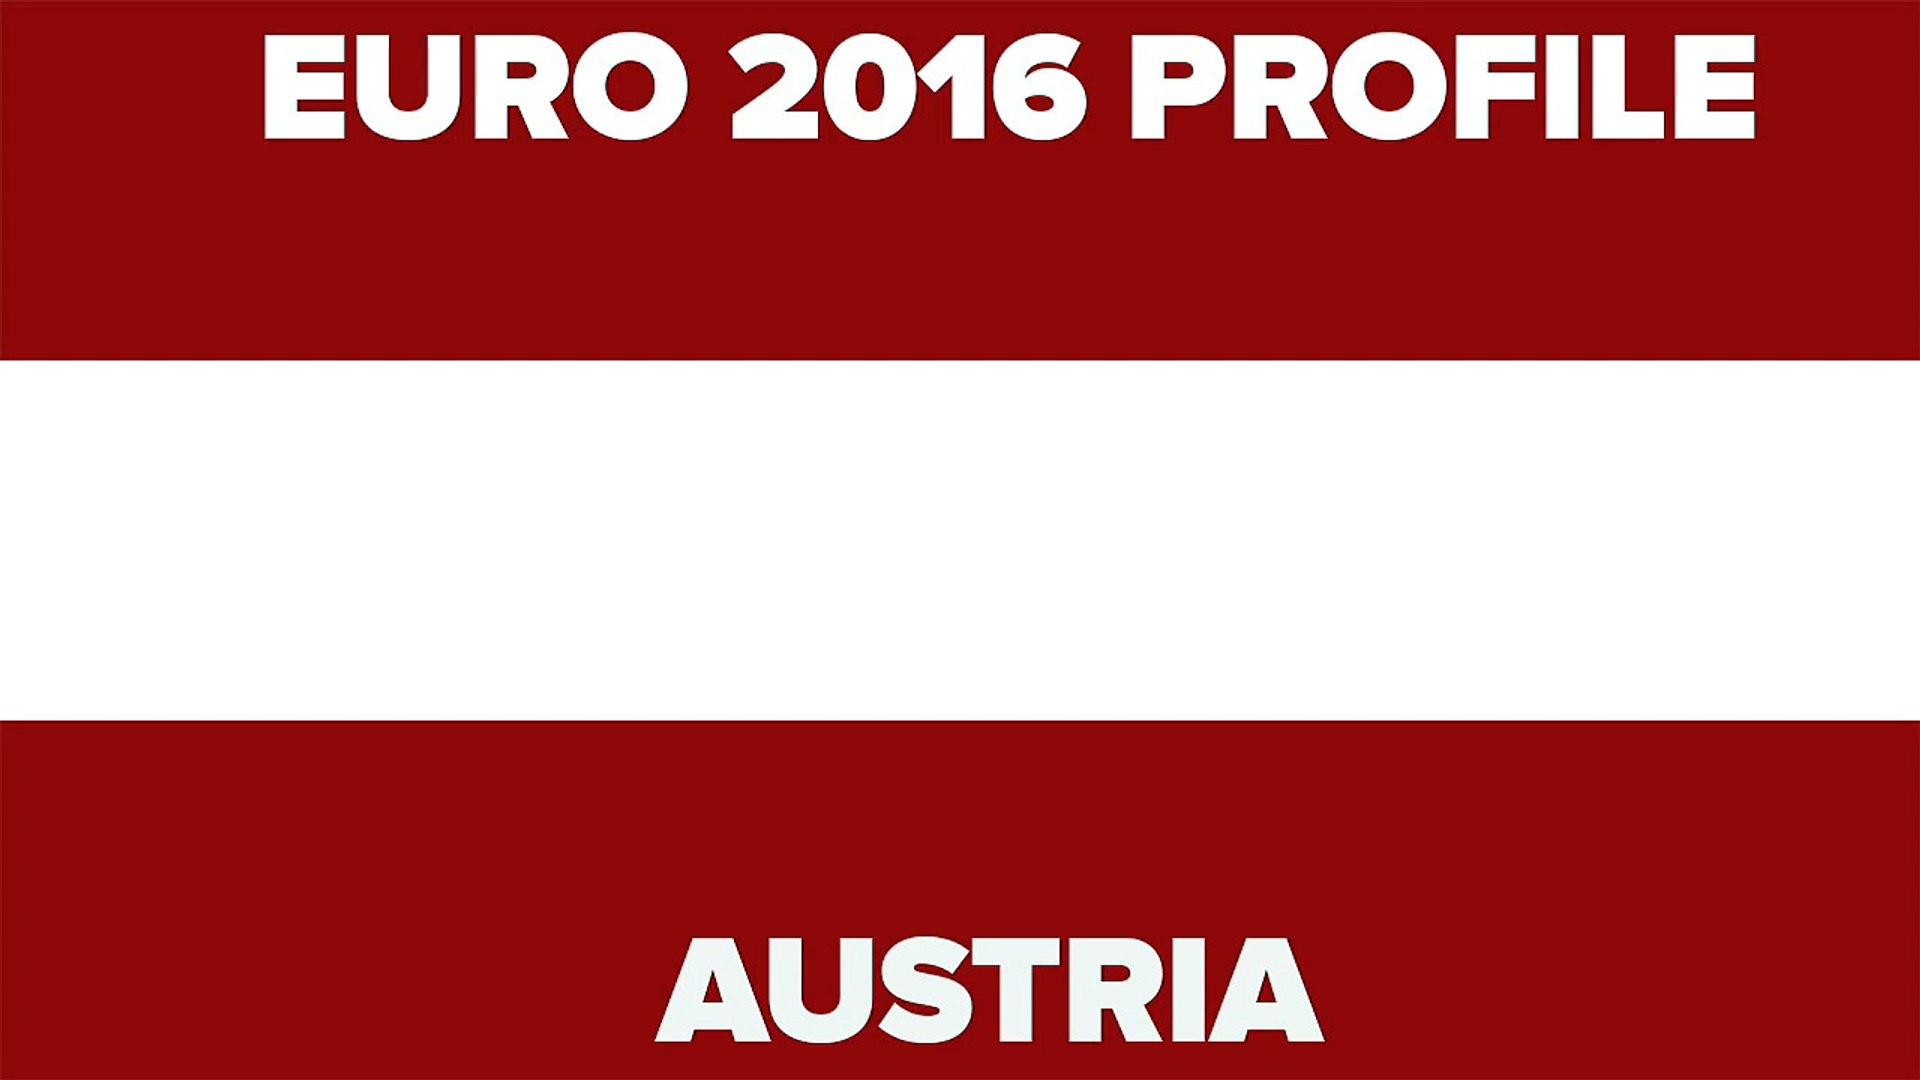 Euro 2016 Profile Austria